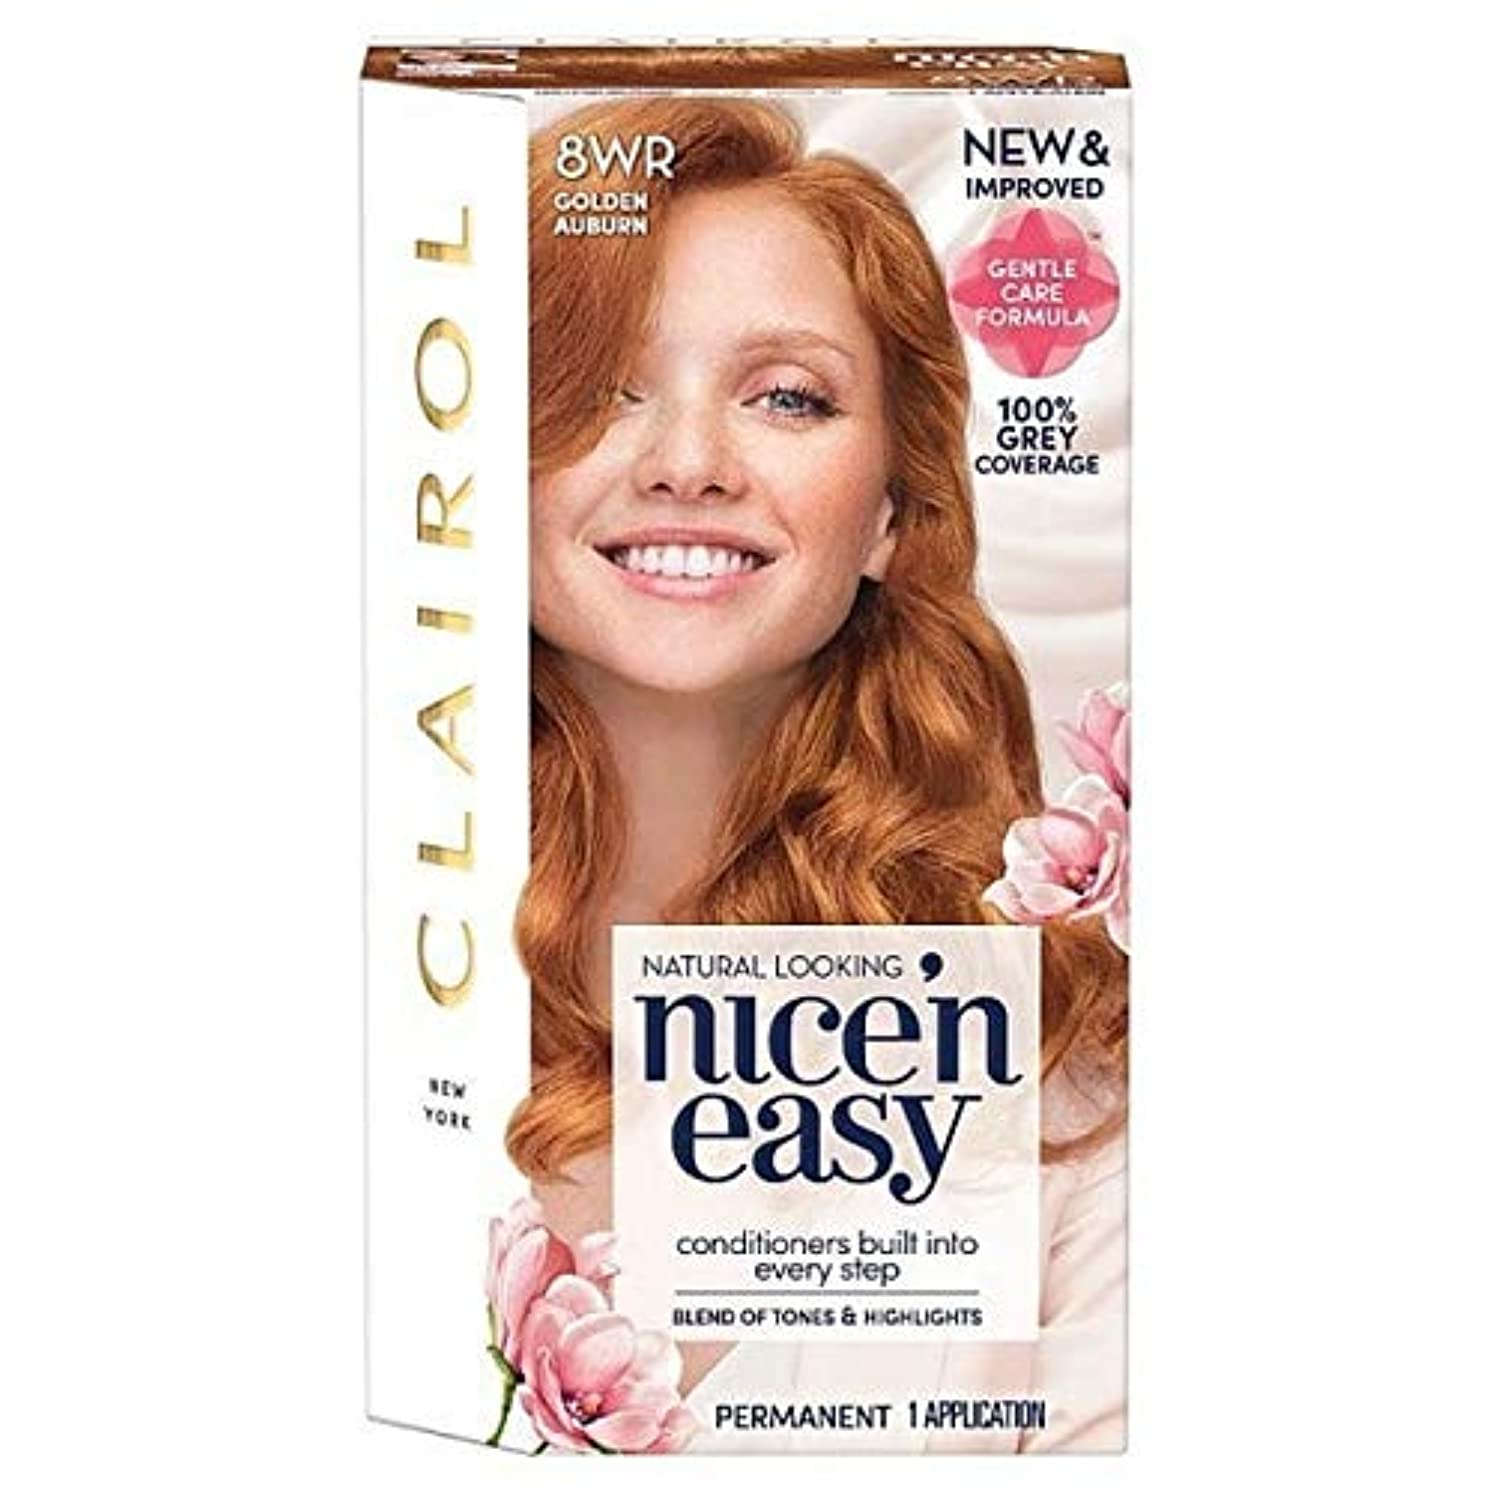 準備した元気葉っぱ[Nice'n Easy] Nice'N簡単8Wr黄金赤褐色 - Nice'n Easy 8Wr Golden Auburn [並行輸入品]